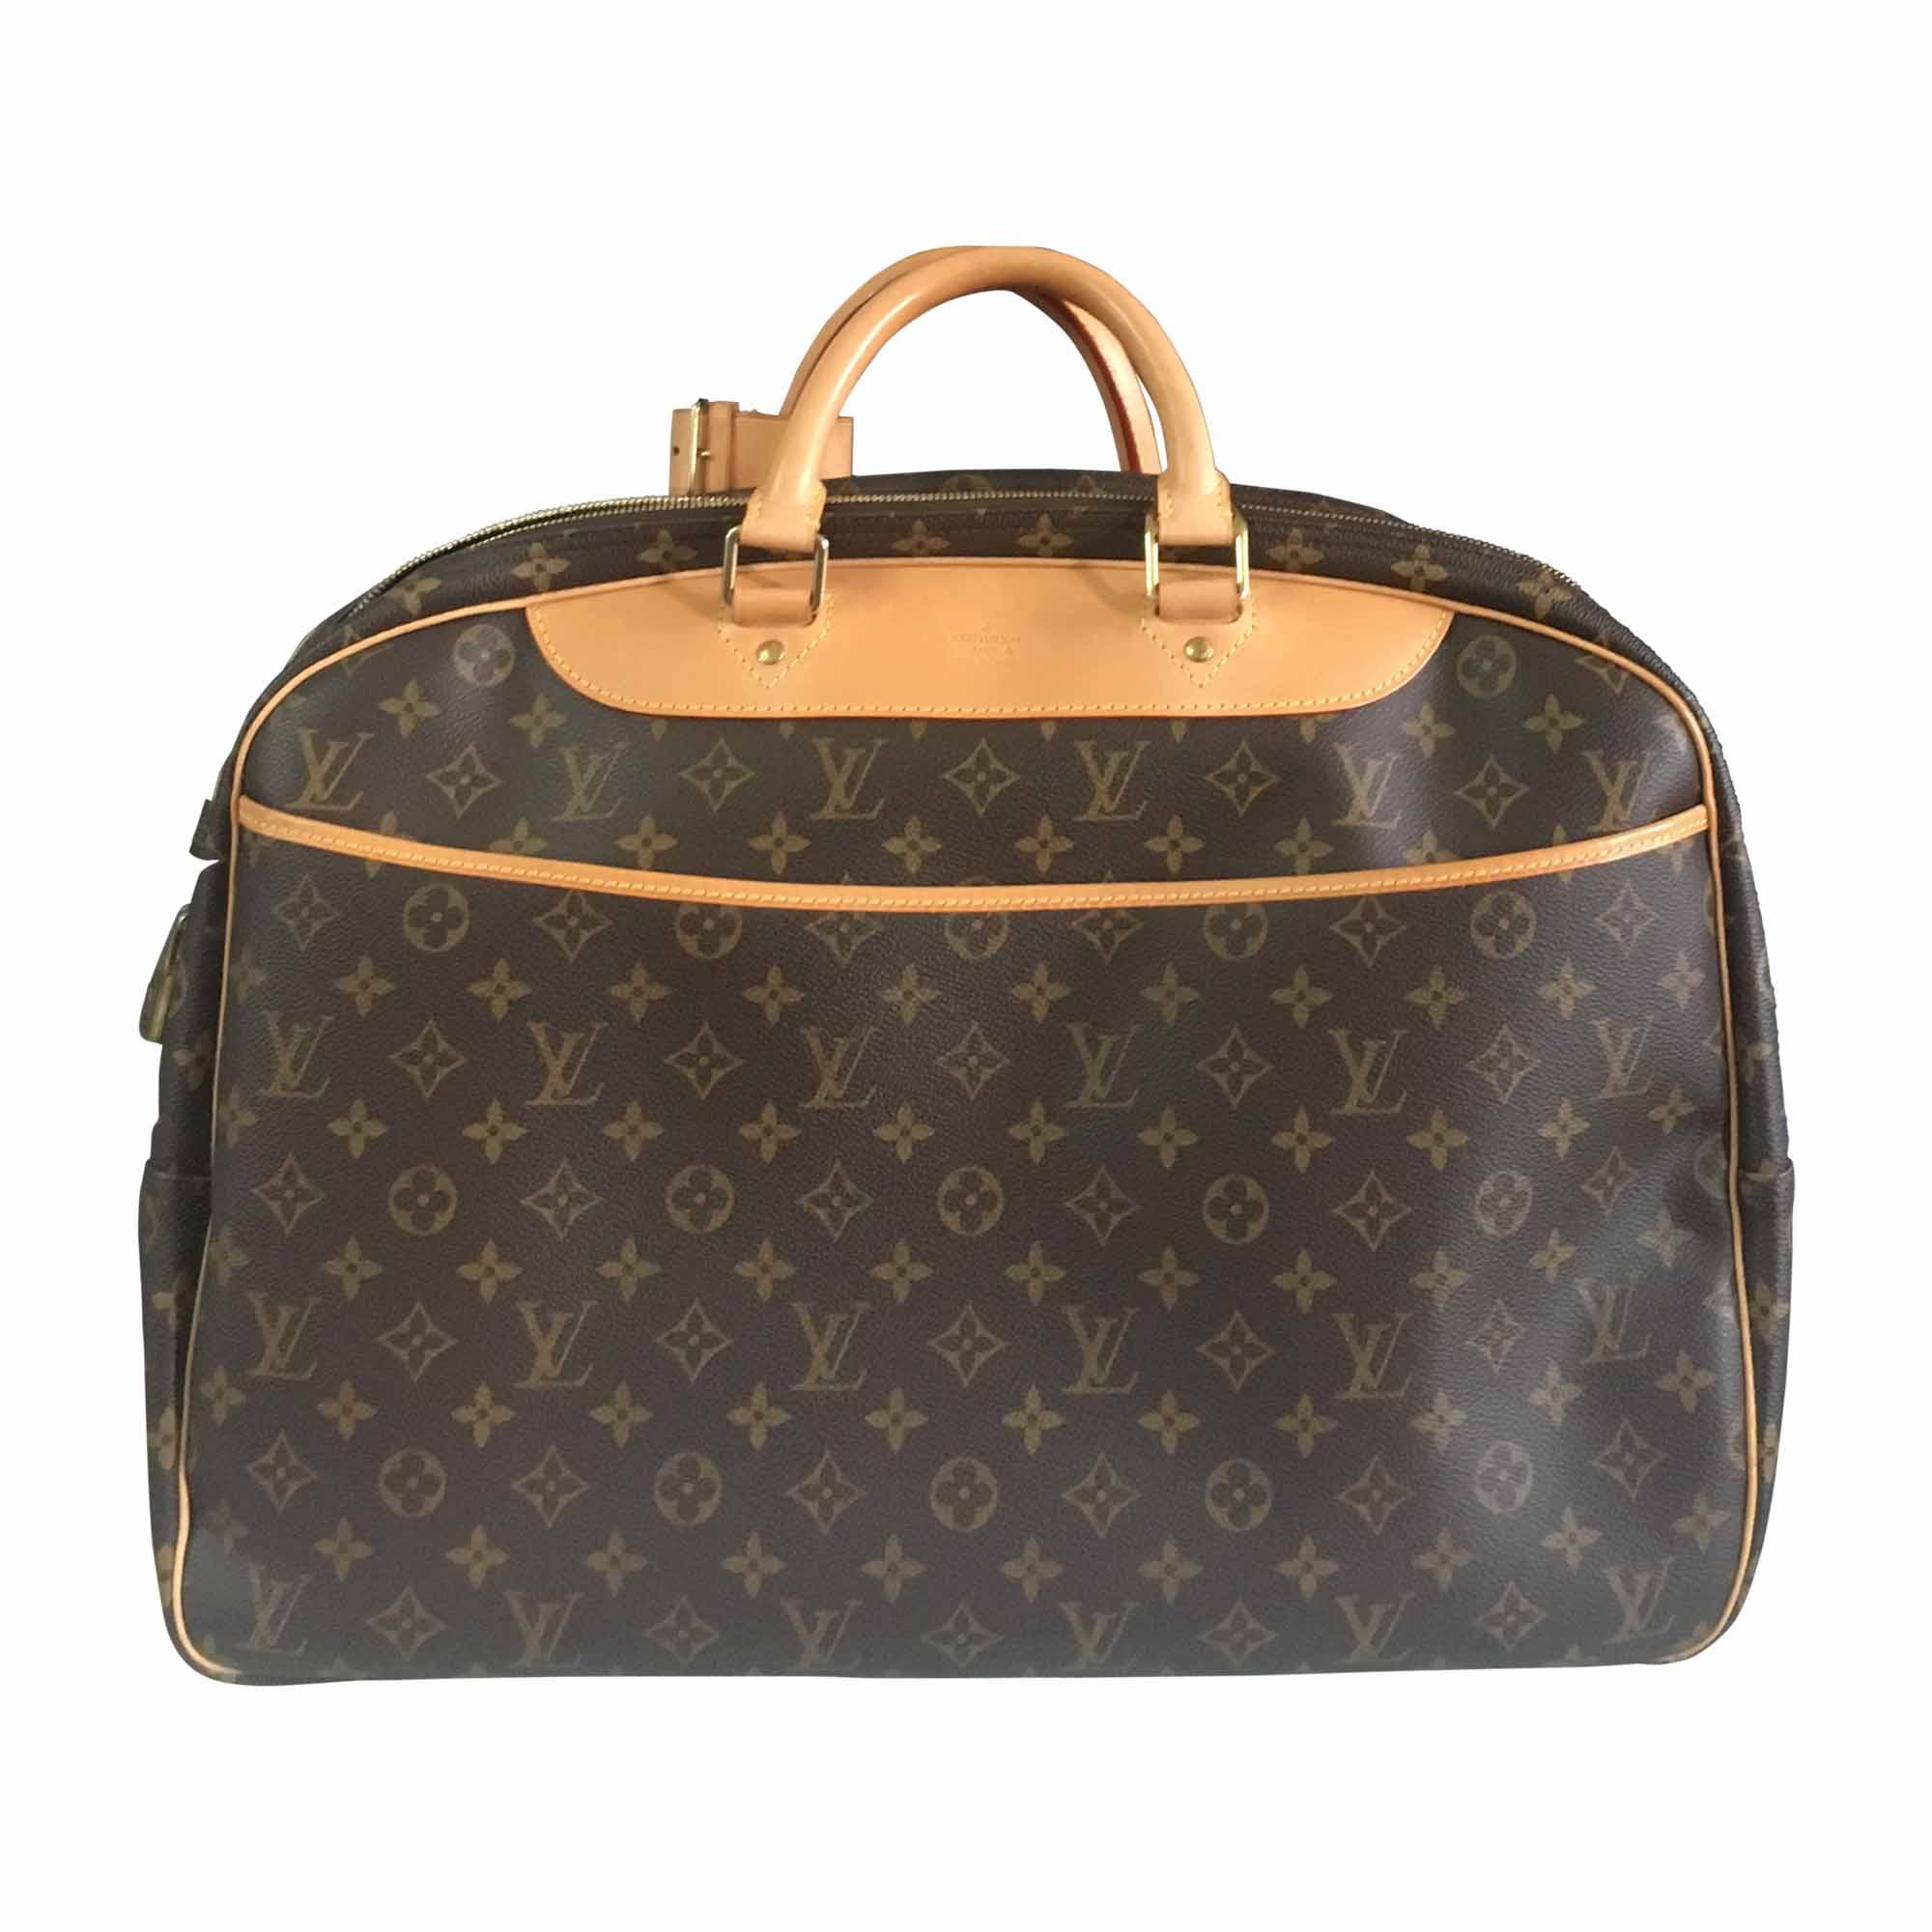 Sac XL en cuir LOUIS VUITTON marron vendu par Jade sue590381 - 7434566 d9ac7e12b9a